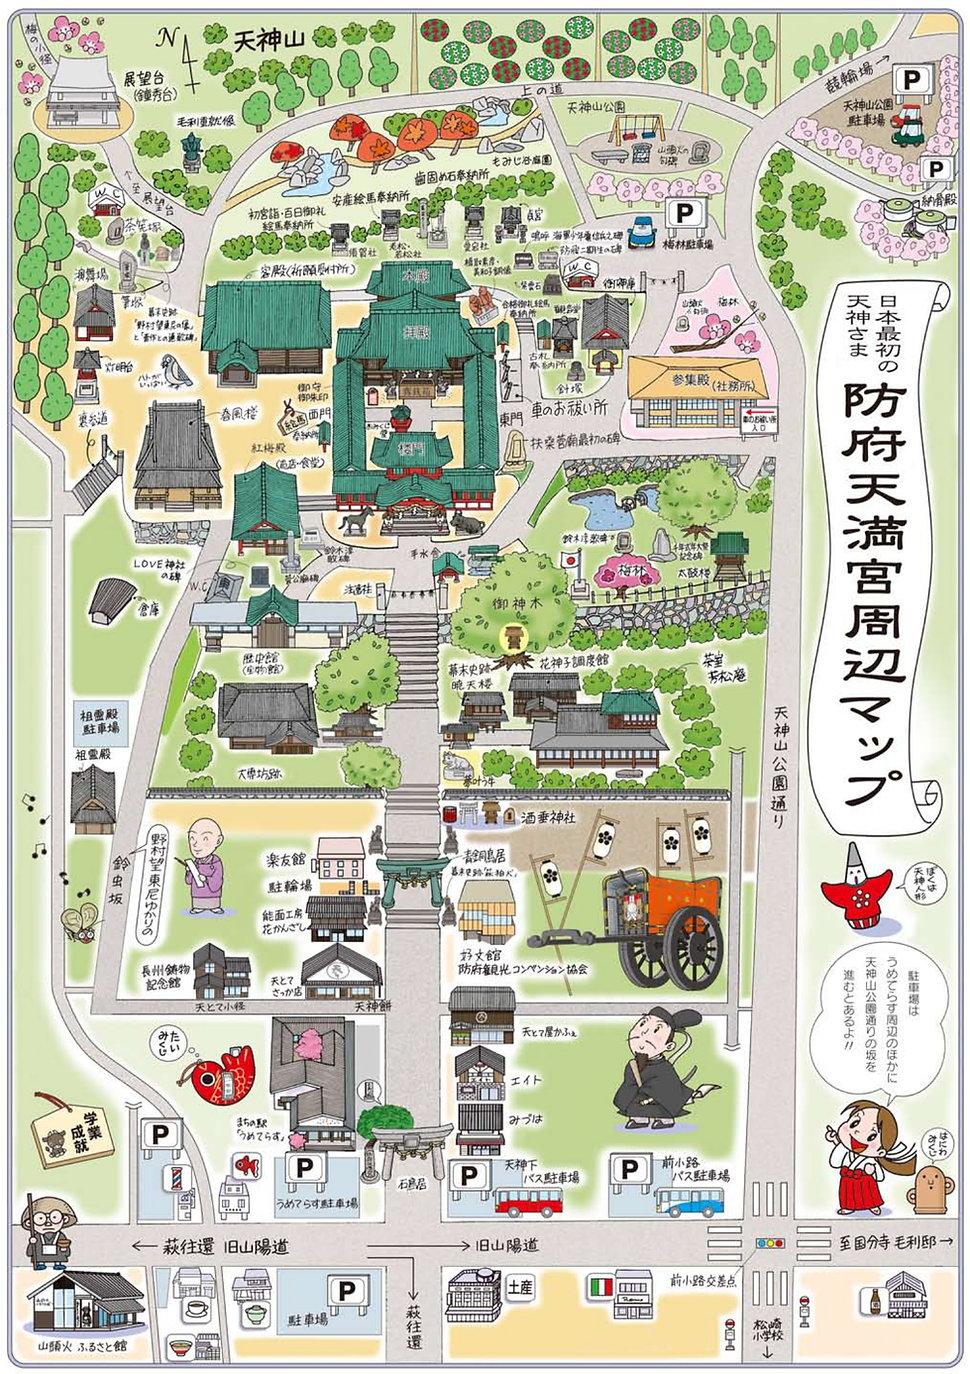 防府天満宮周辺マップ_page-0001.jpg